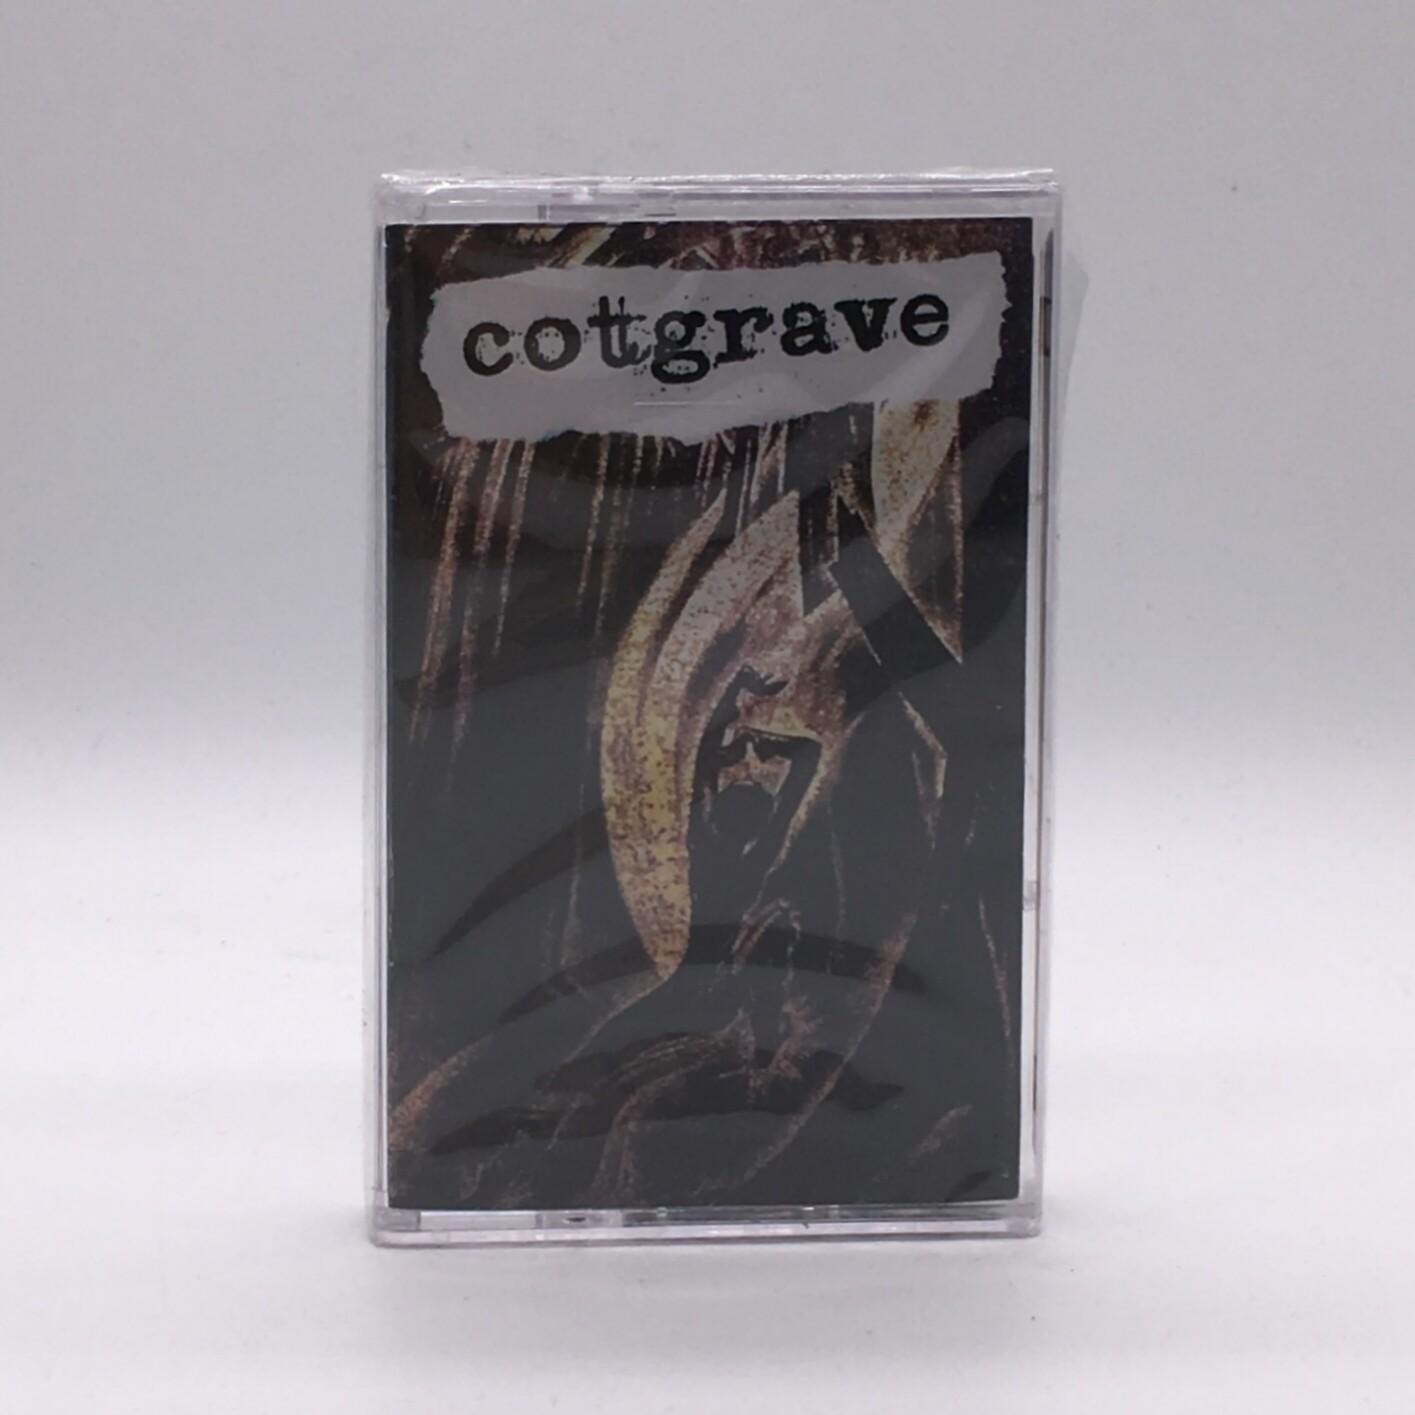 COTGRAVE -S/T- CASSETTE